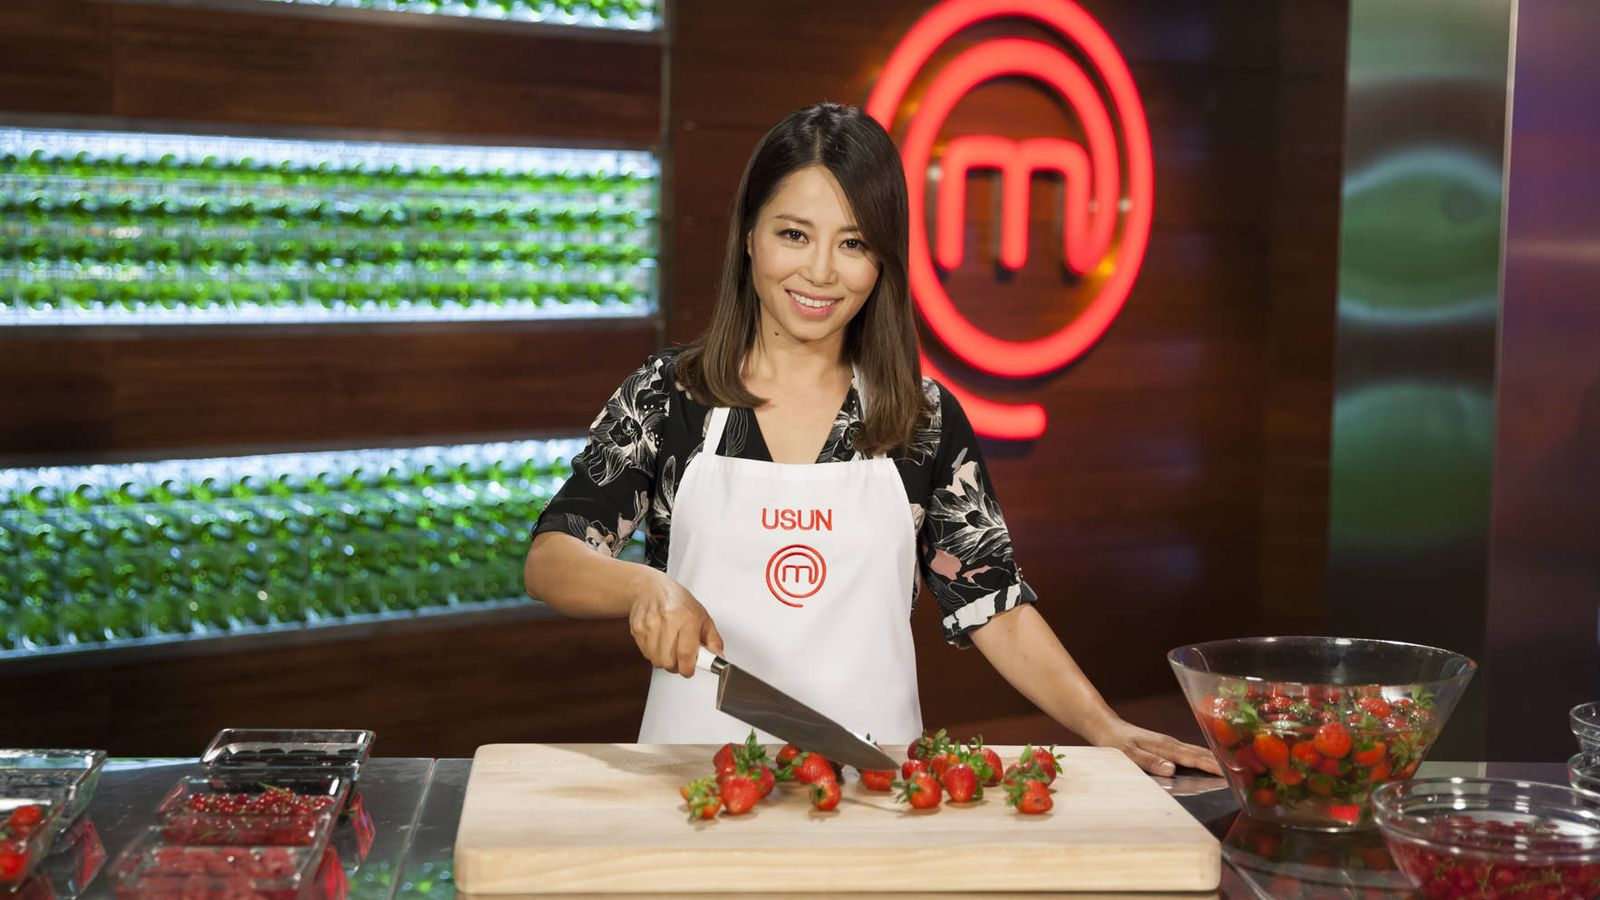 Foto: Usun Yoon, concursante de 'MasterChef Celebrity'